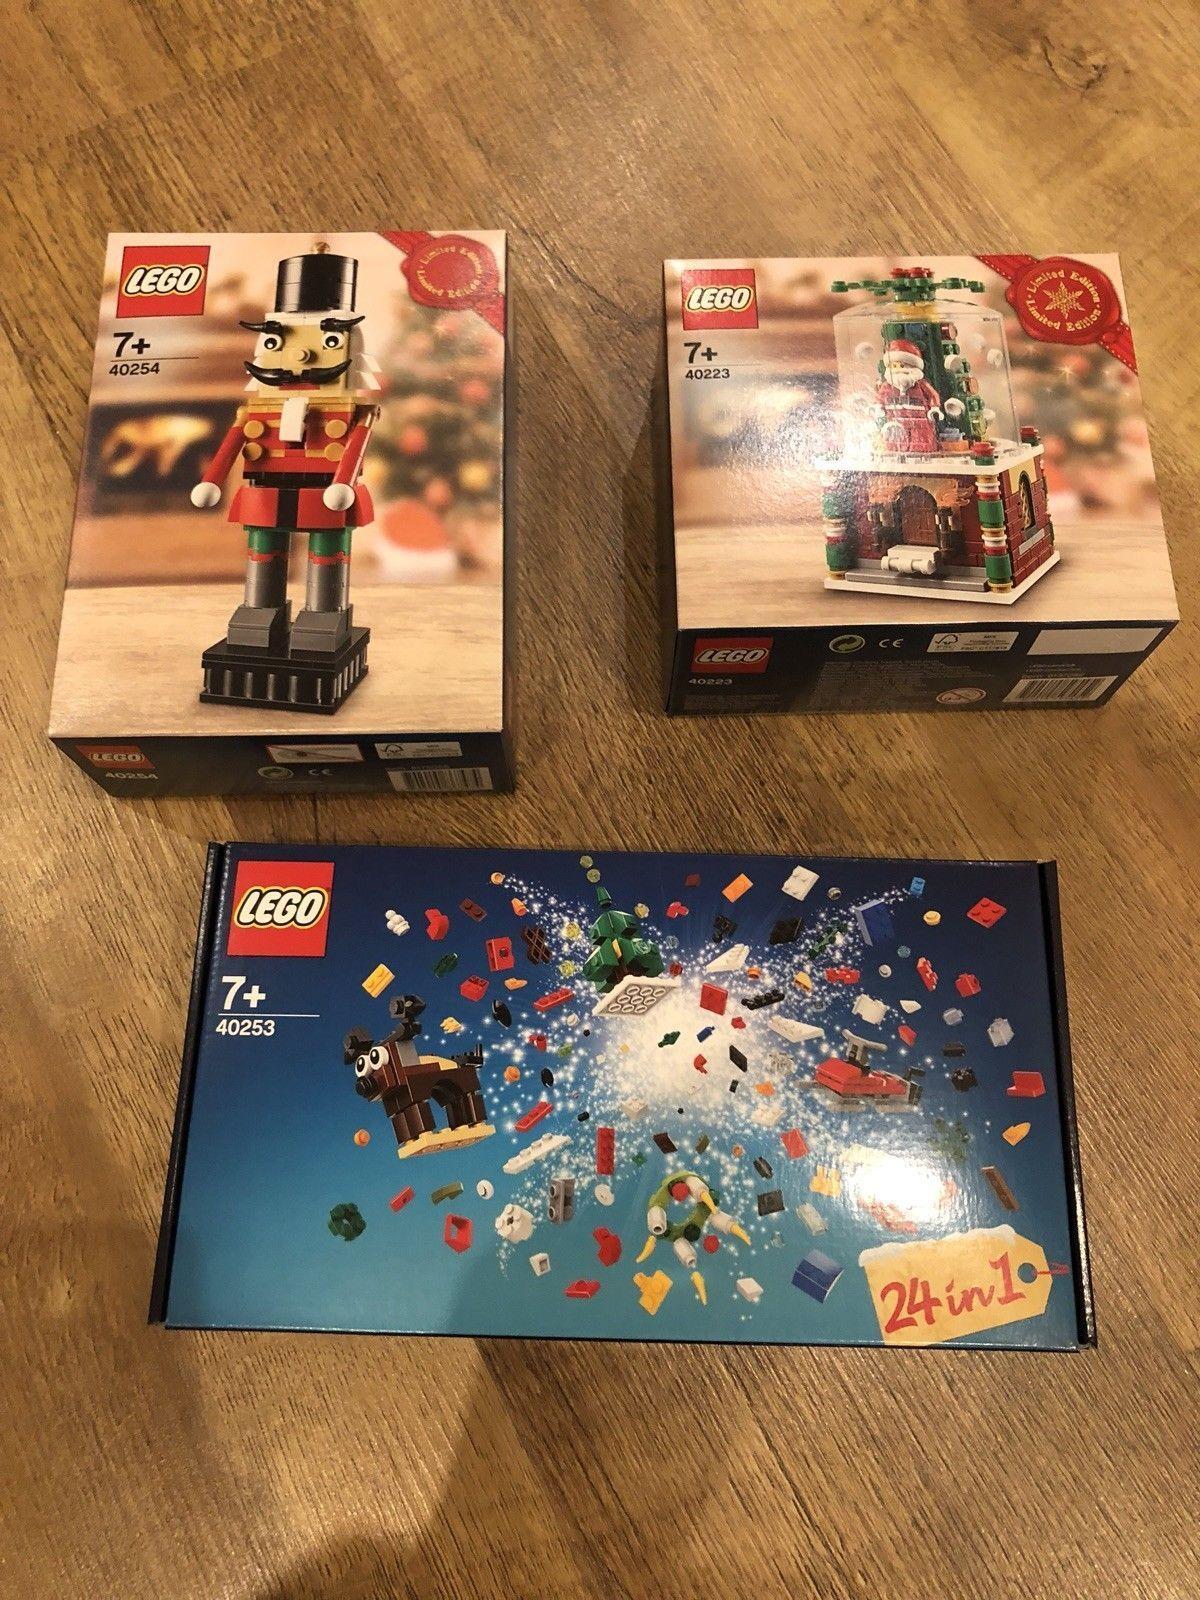 Lego 40254 Casse-Noisette Noël LEGO 40223 snowglobe Noël LEGO  40253 24 en 1  grosses économies